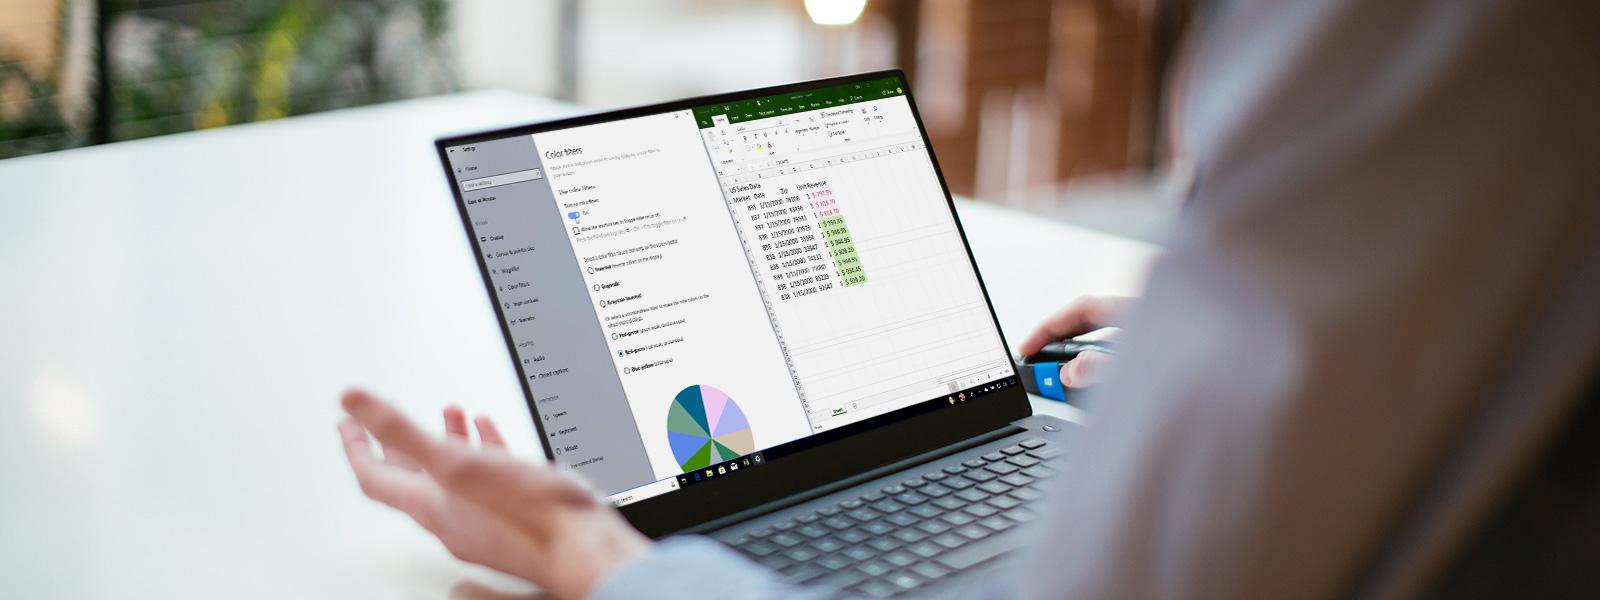 Persoon die een laptopcomputer gebruikt met ingeschakelde kleurfilters in Windows 10